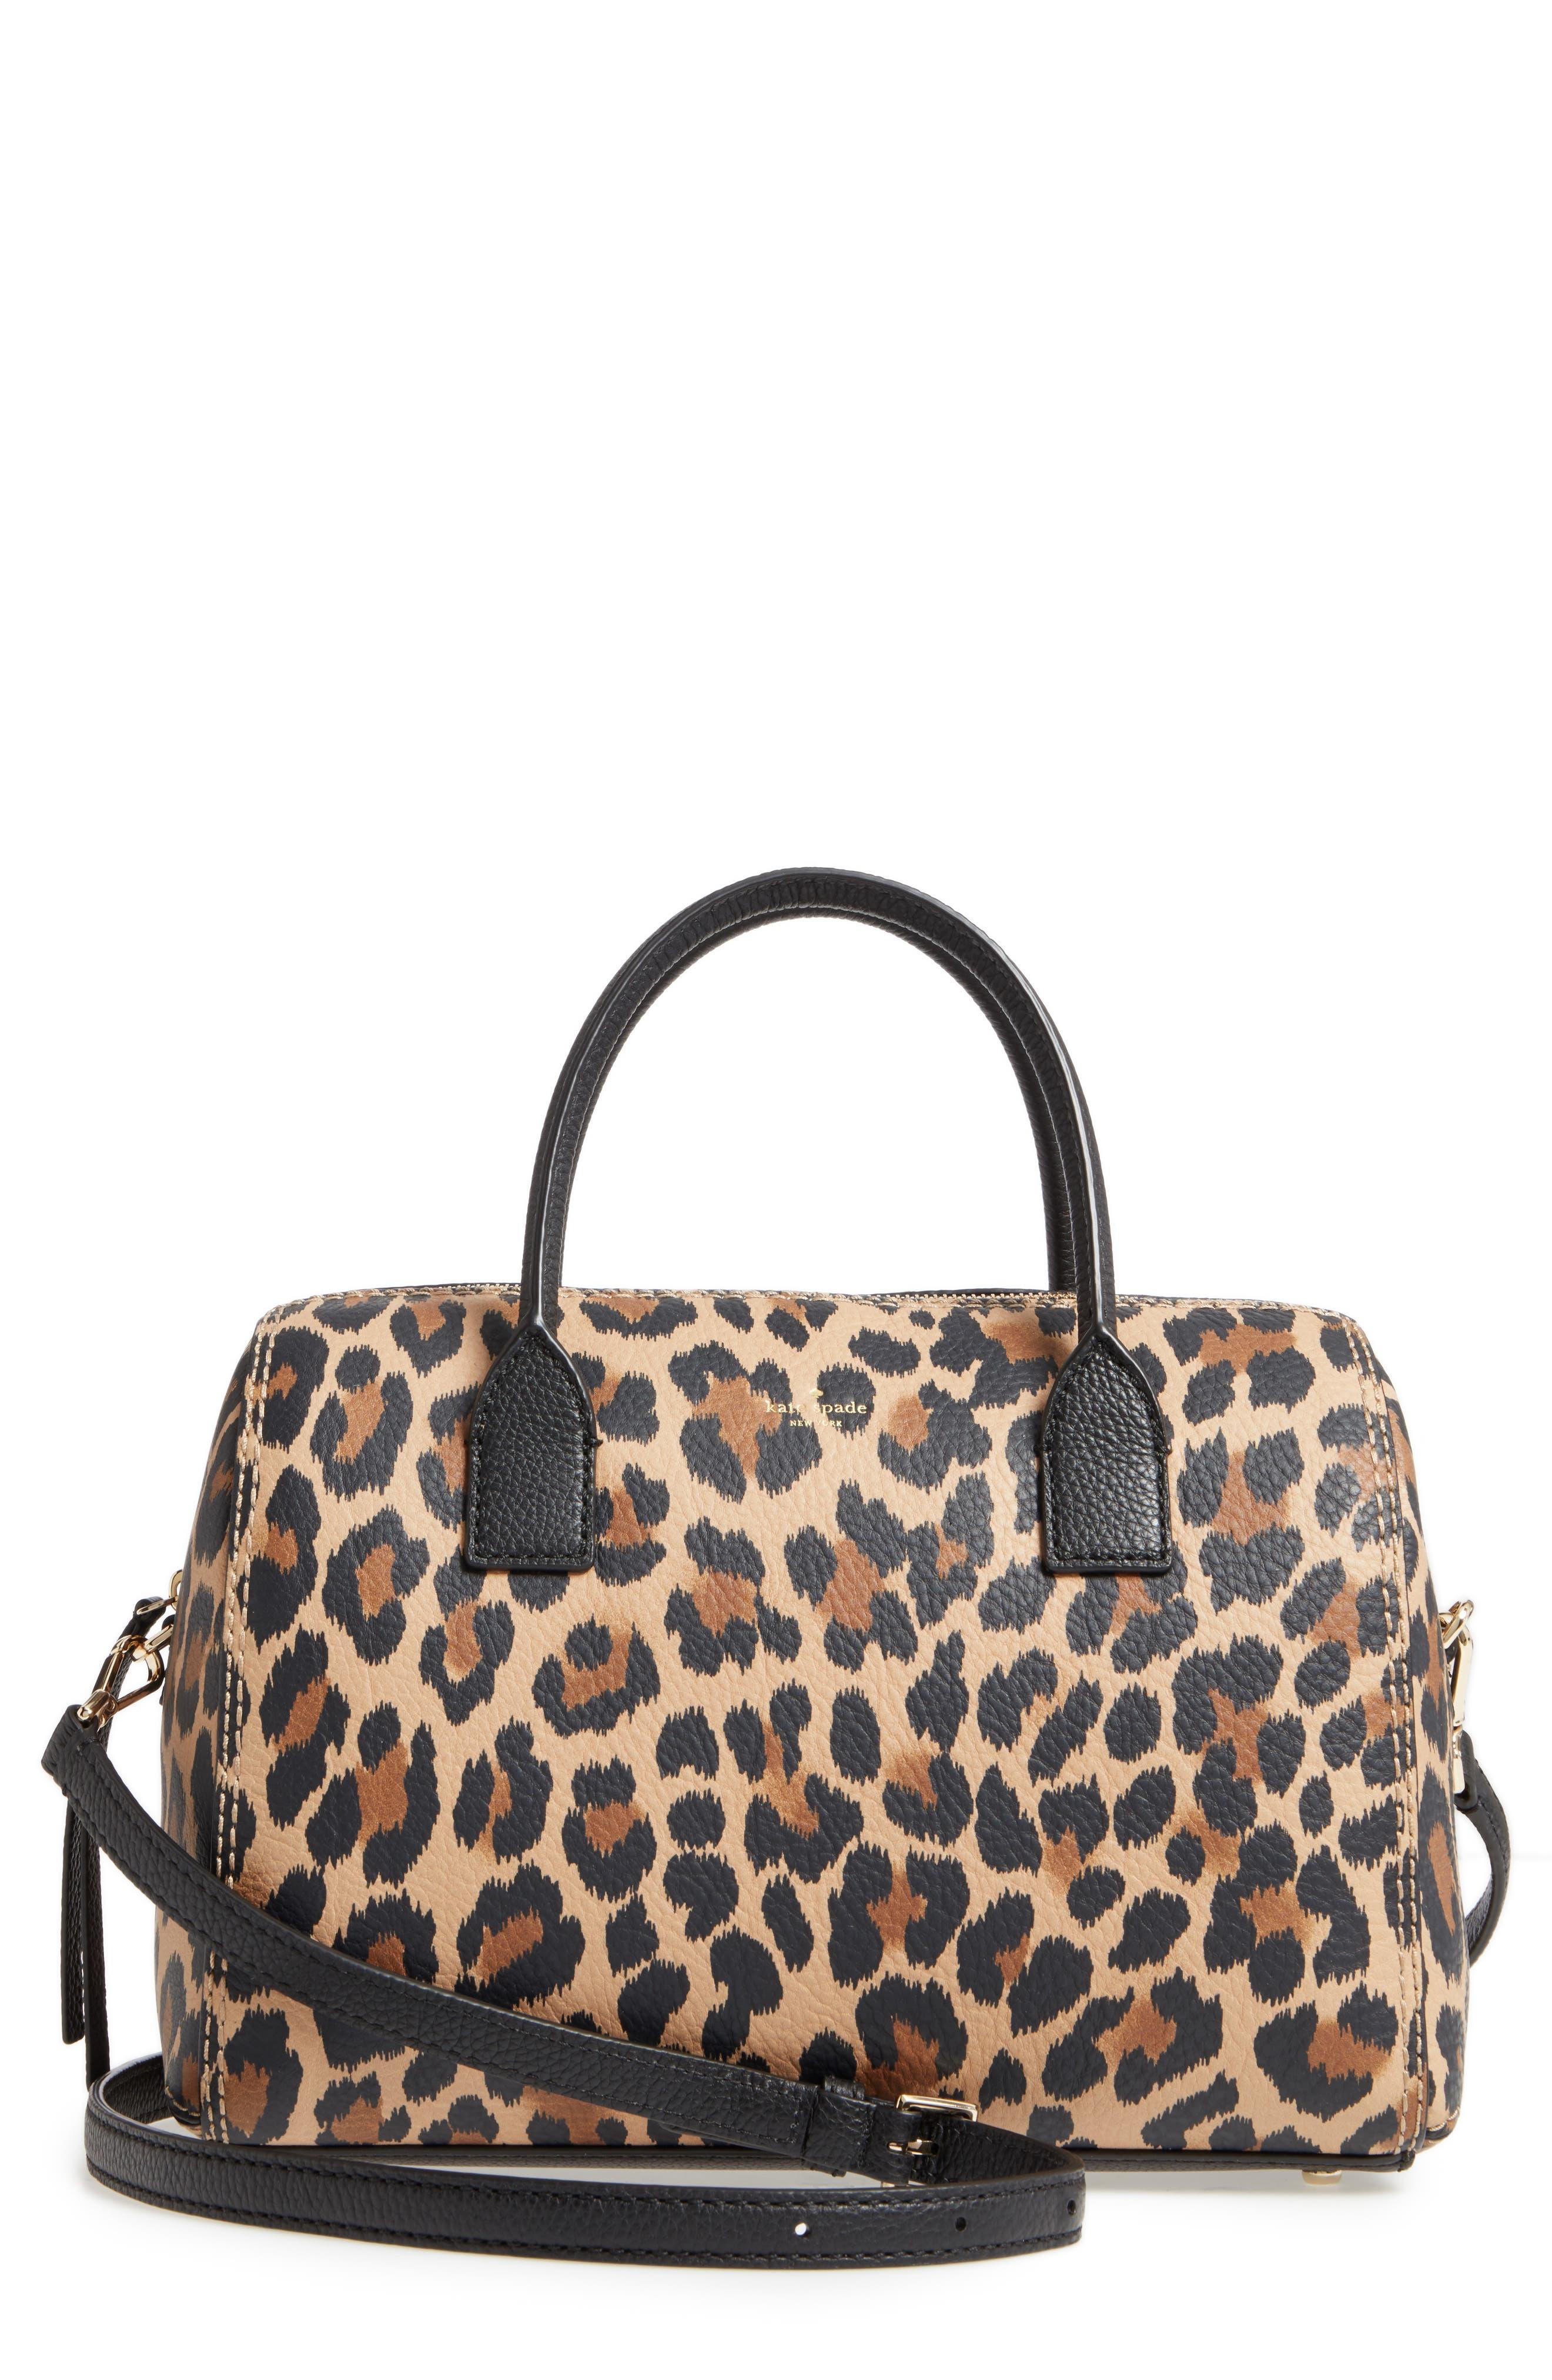 dunne lane mega lake printed leather satchel,                         Main,                         color, Leopard